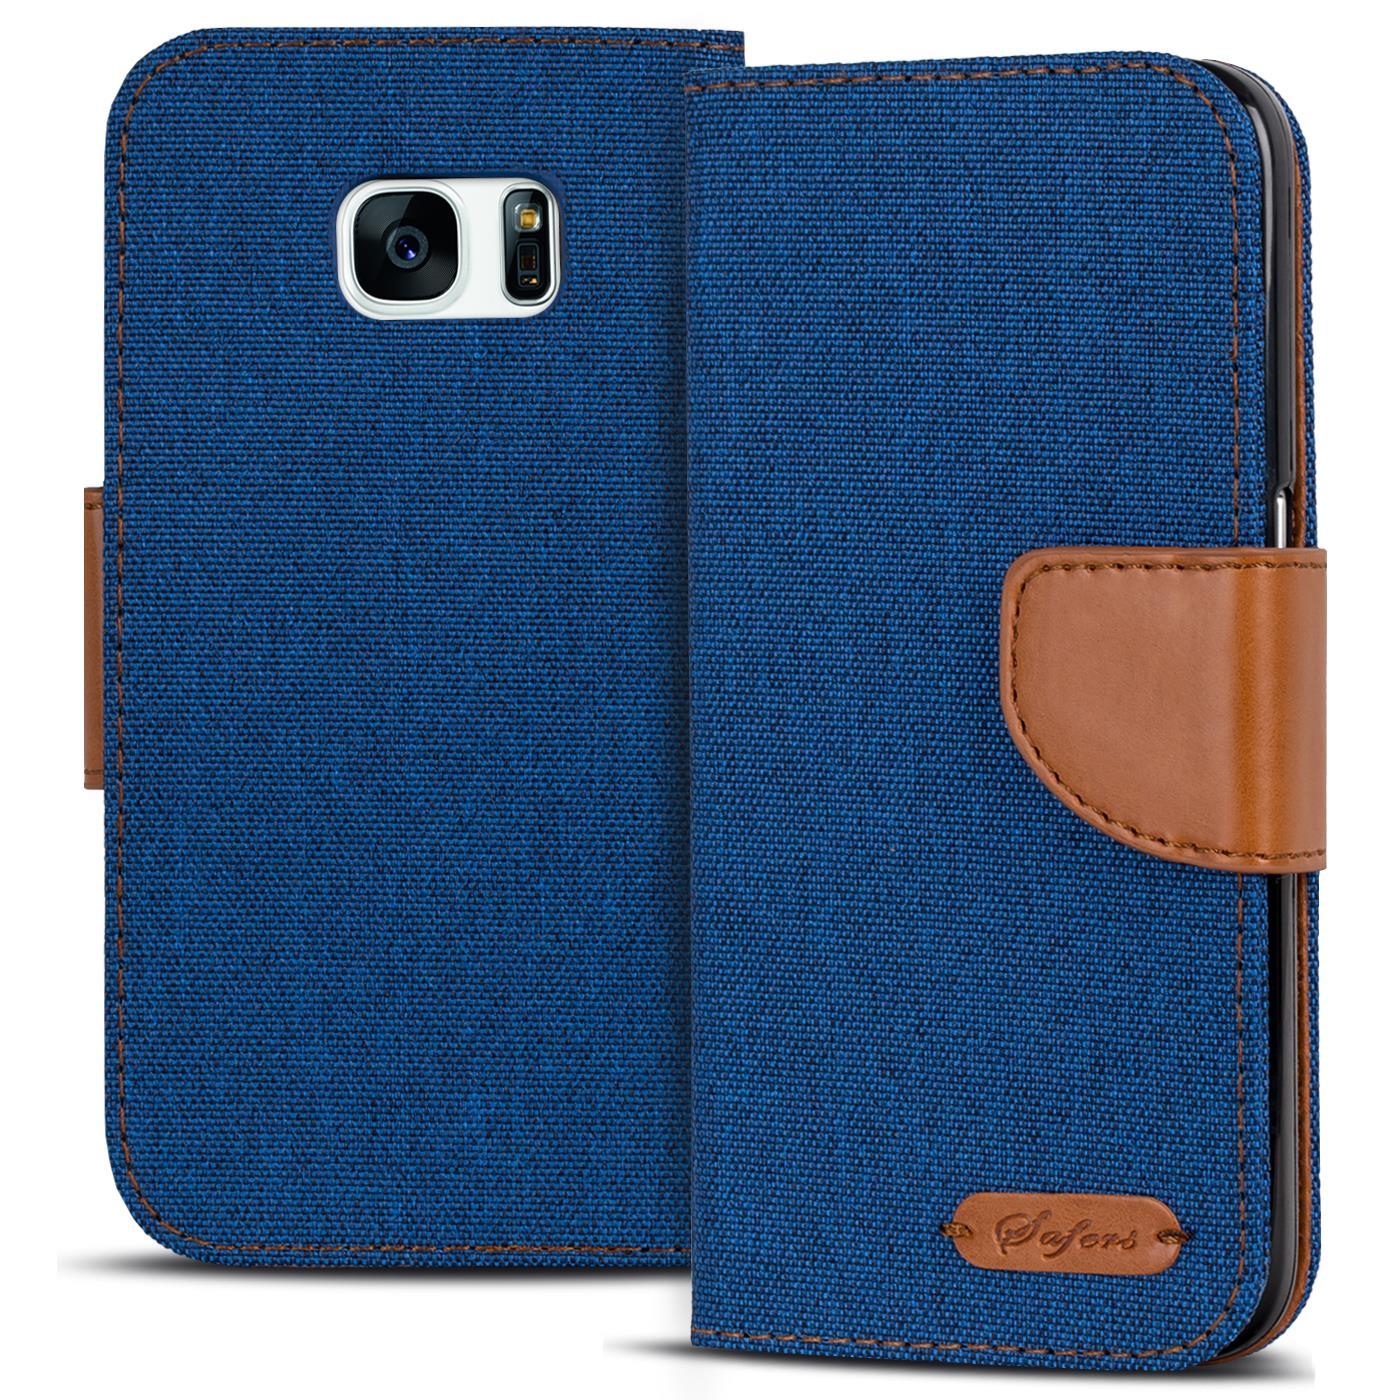 Schutzhuelle-Samsung-Galaxy-Huelle-Flip-Case-Handy-Tasche-Klapphuelle-Book-Cover